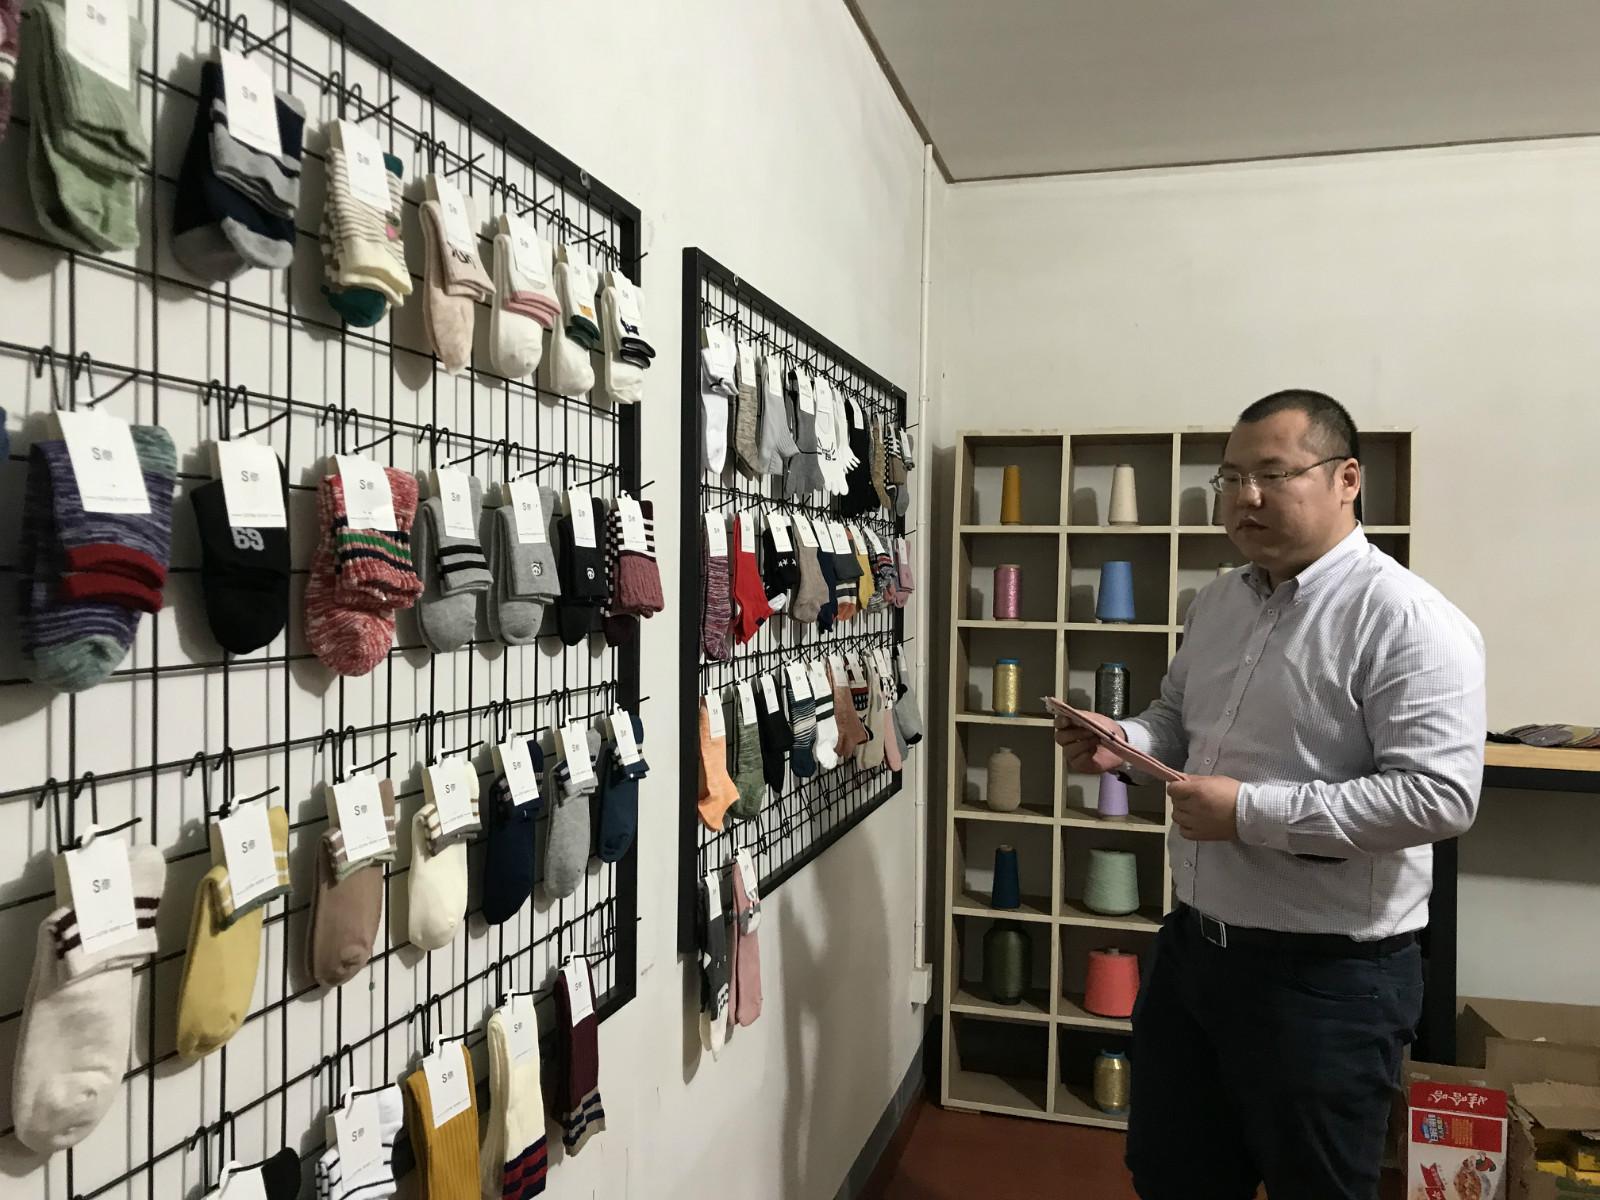 图说:80后创业者杨钢泽,积极拥抱淘宝天天特卖升级供应链,成为行业内颇具竞争力的头部商家_meitu_1